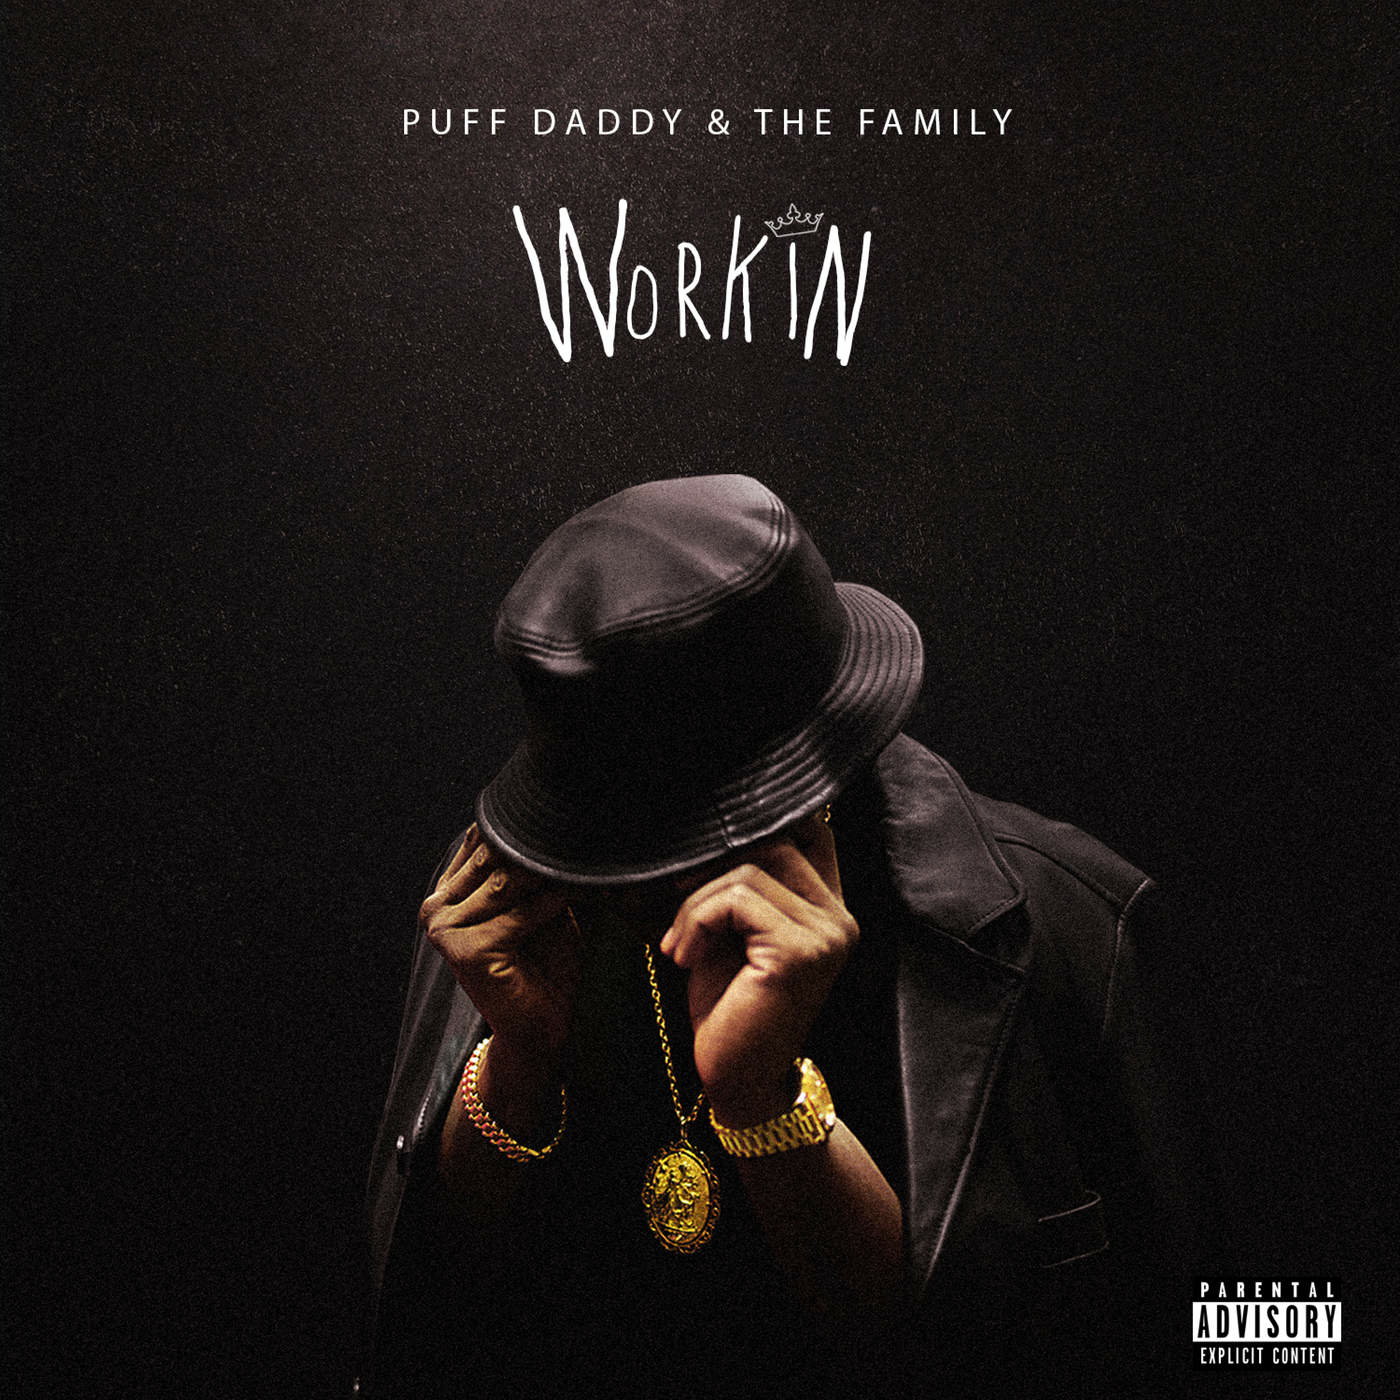 Puff Daddy & The Family – Workin (Prod  by KeY Wane, Hit-Boy